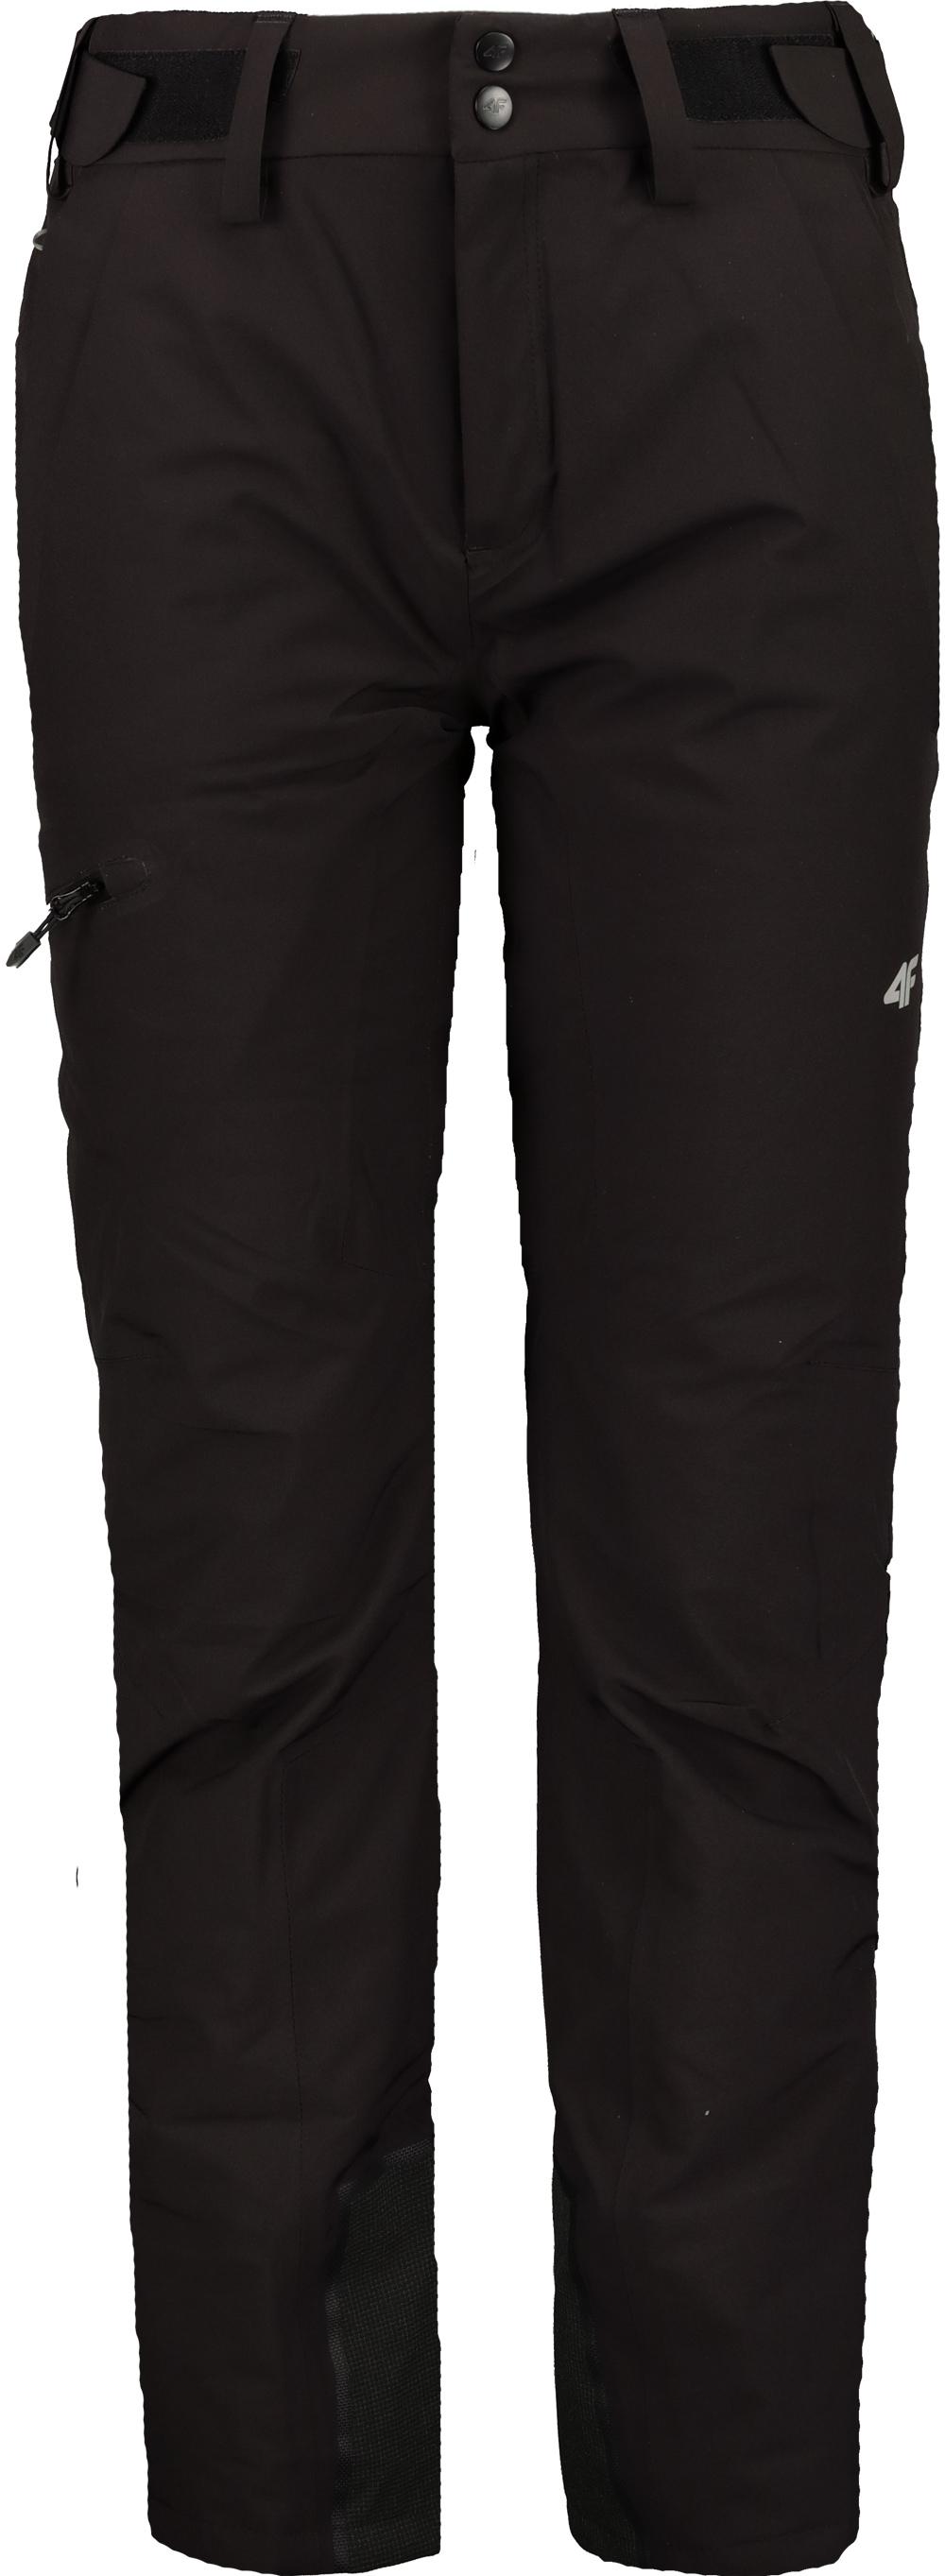 Nohavice lyžiarske dámske 4F SPDN154